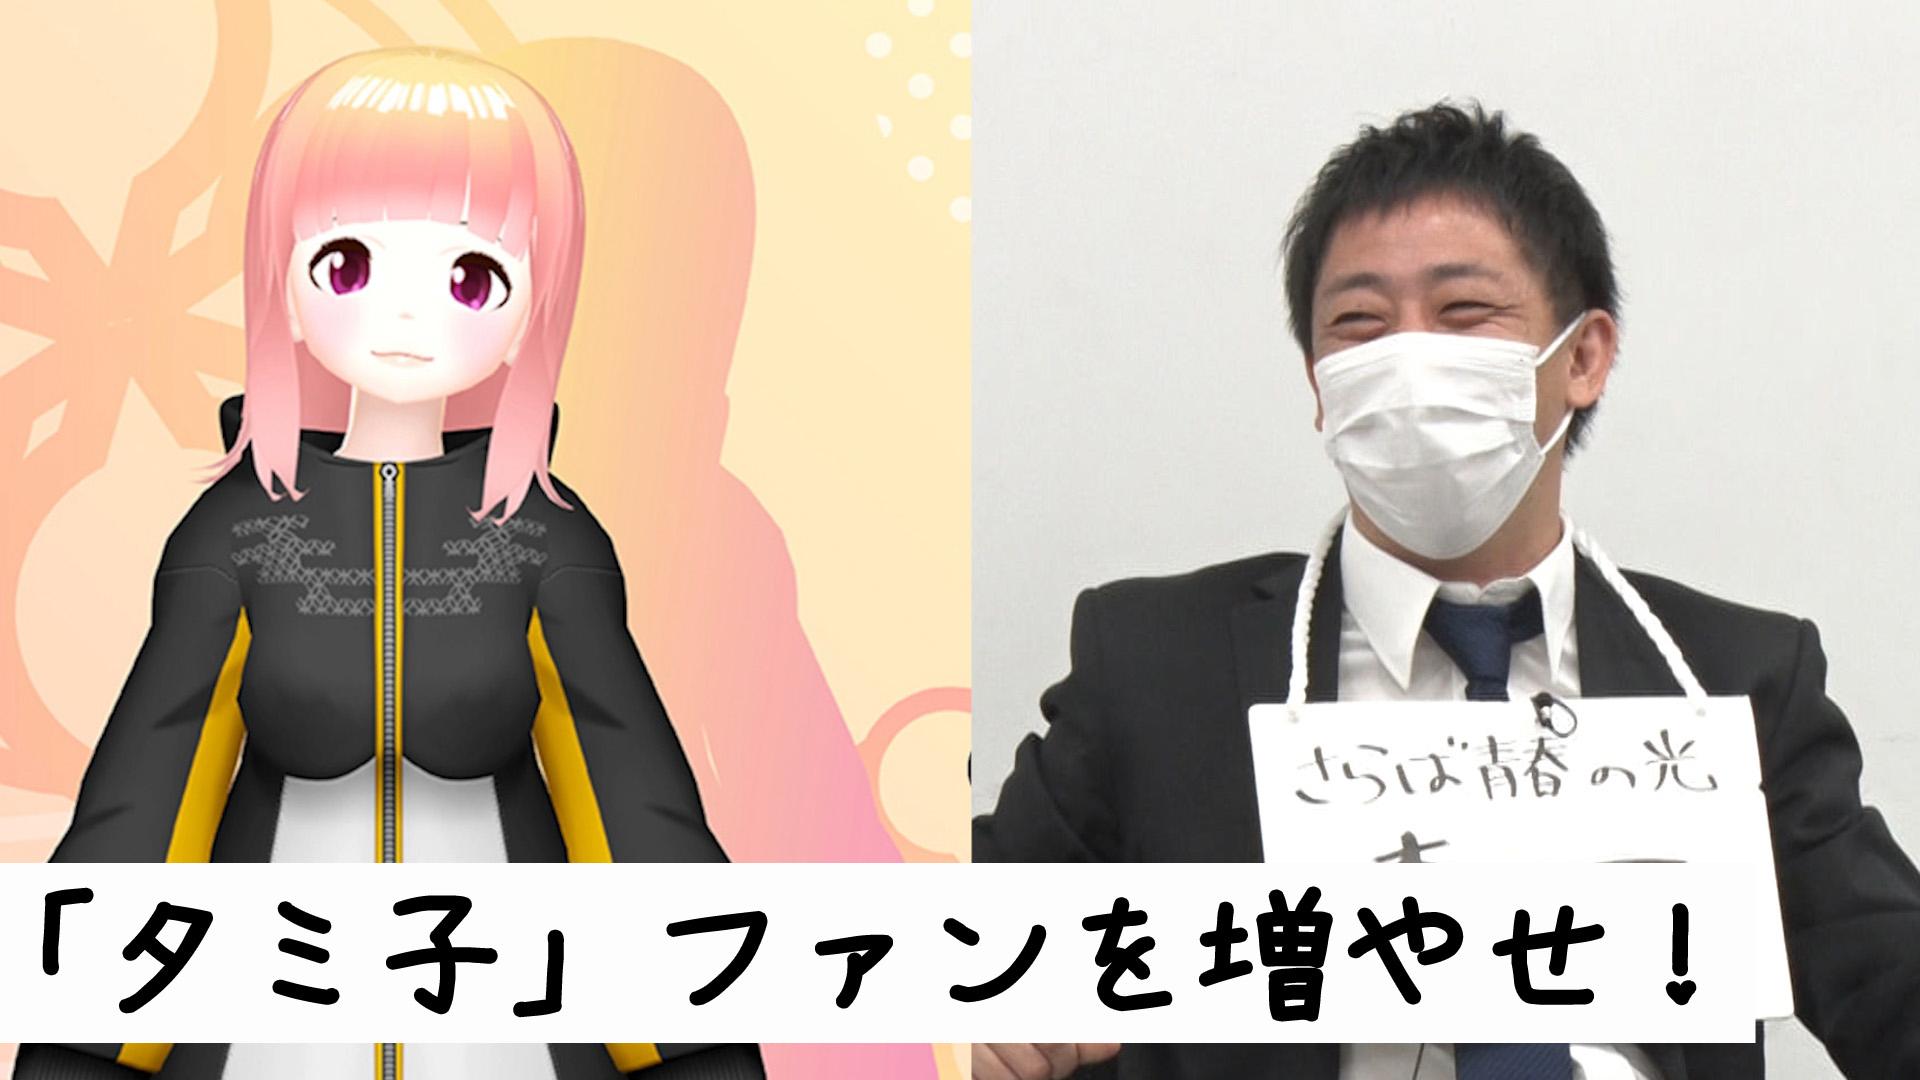 「タミ子」ファンを増やせ!